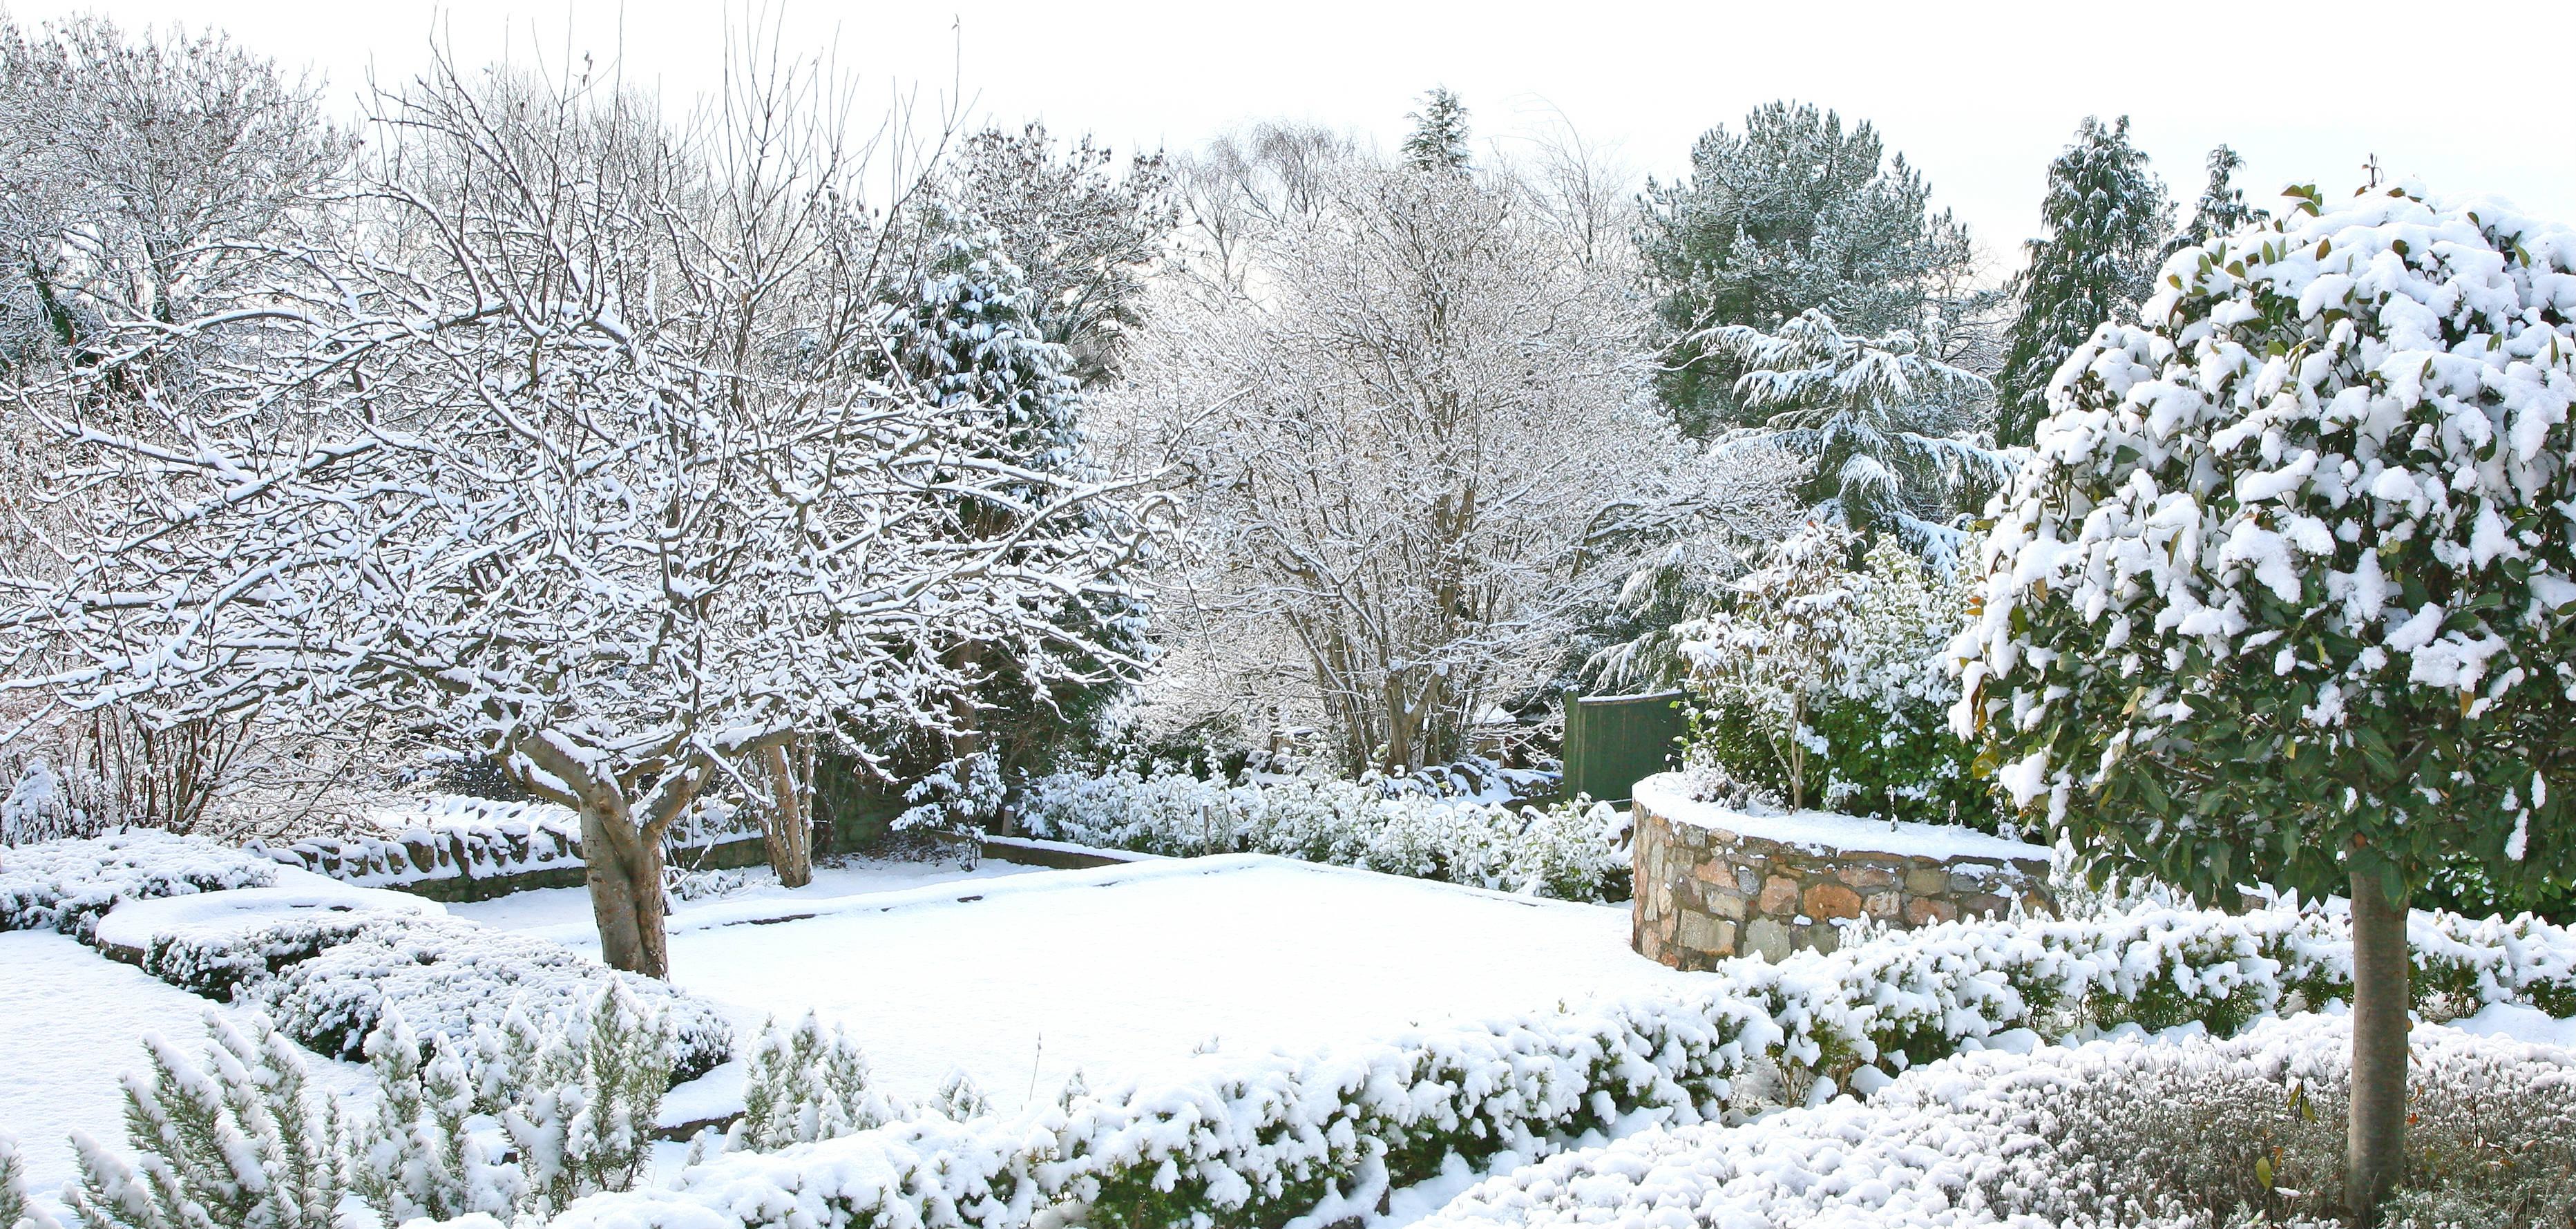 Vinterhave tilaekket af sne